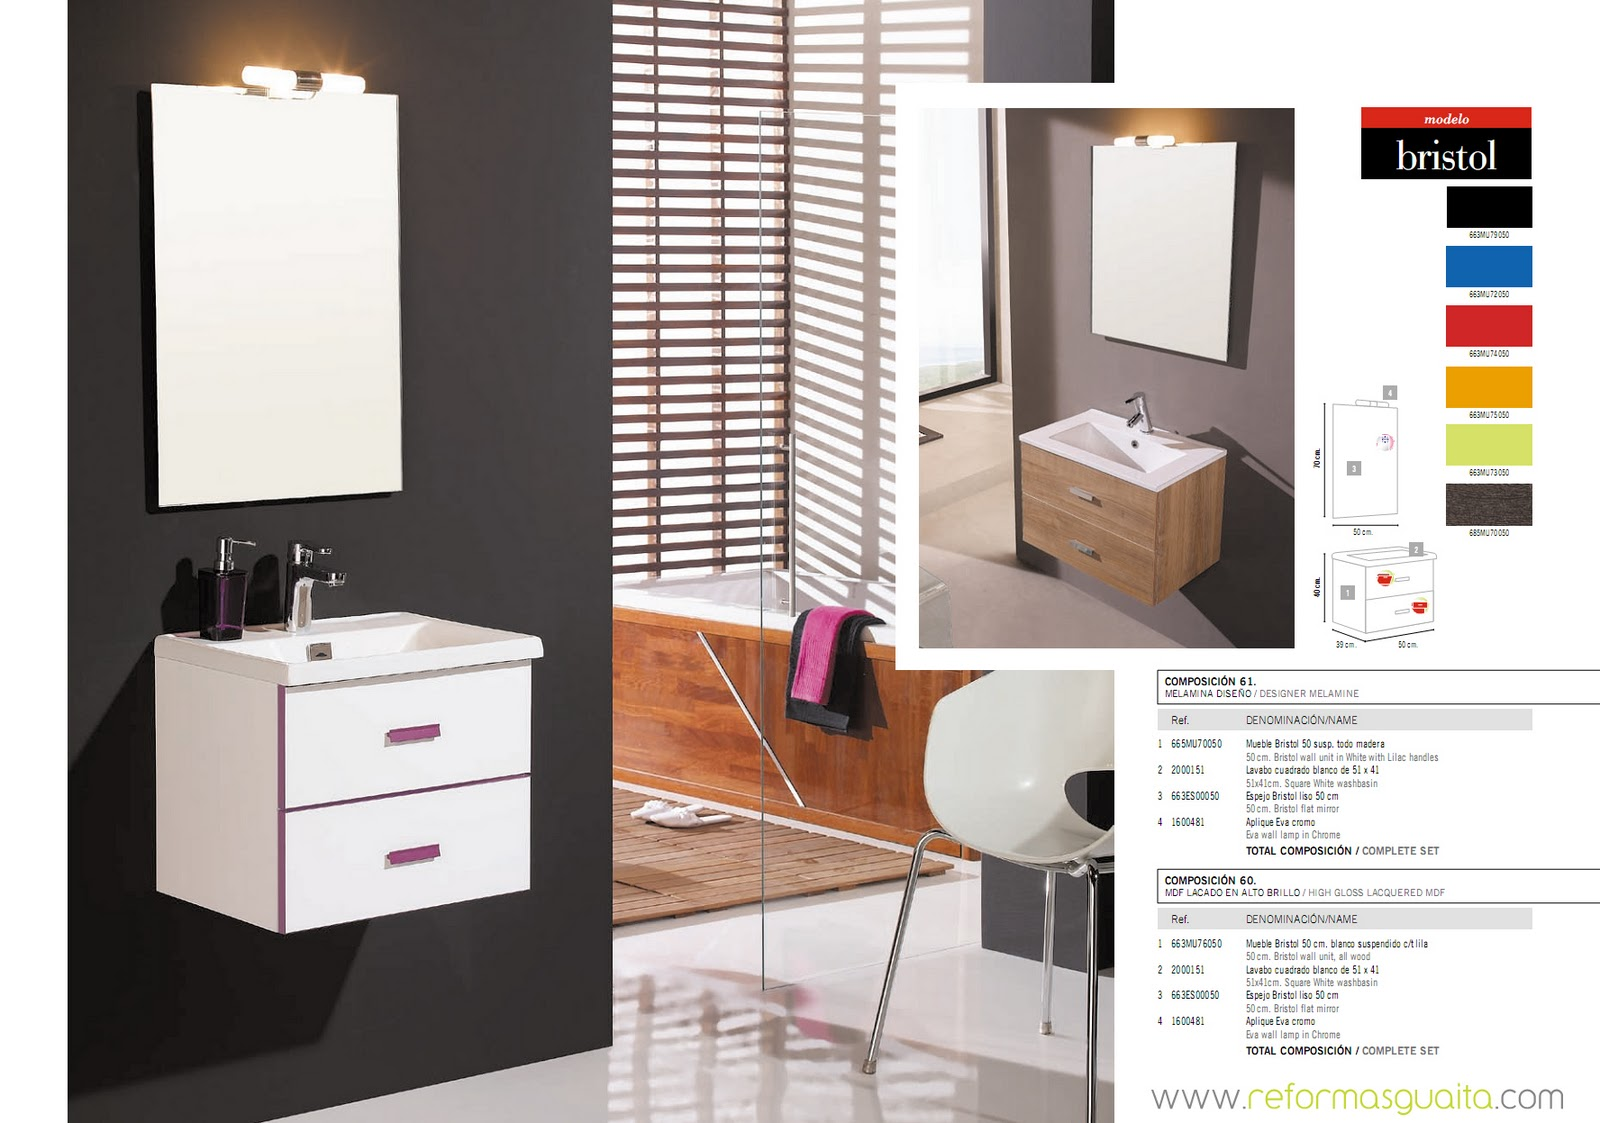 Bristol muebles de fondo reducido a 40 cms reformas guaita for Muebles de bano suspendidos baratos